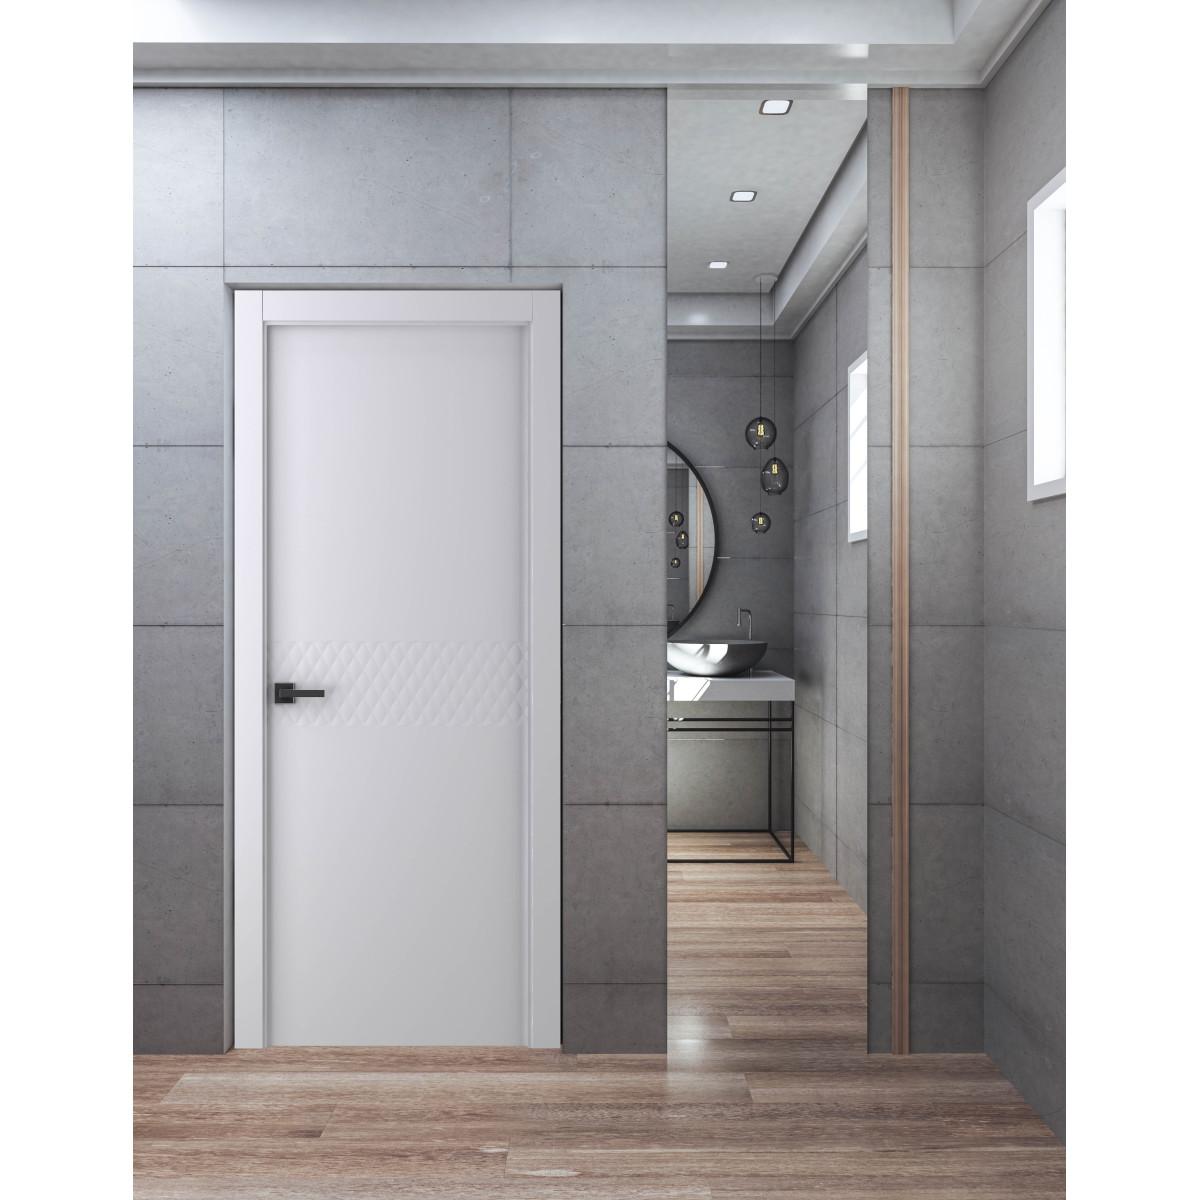 Дверь Межкомнатная Глухая С Замком В Комплекте Аттика 90x200 Экошпон Цвет Белый